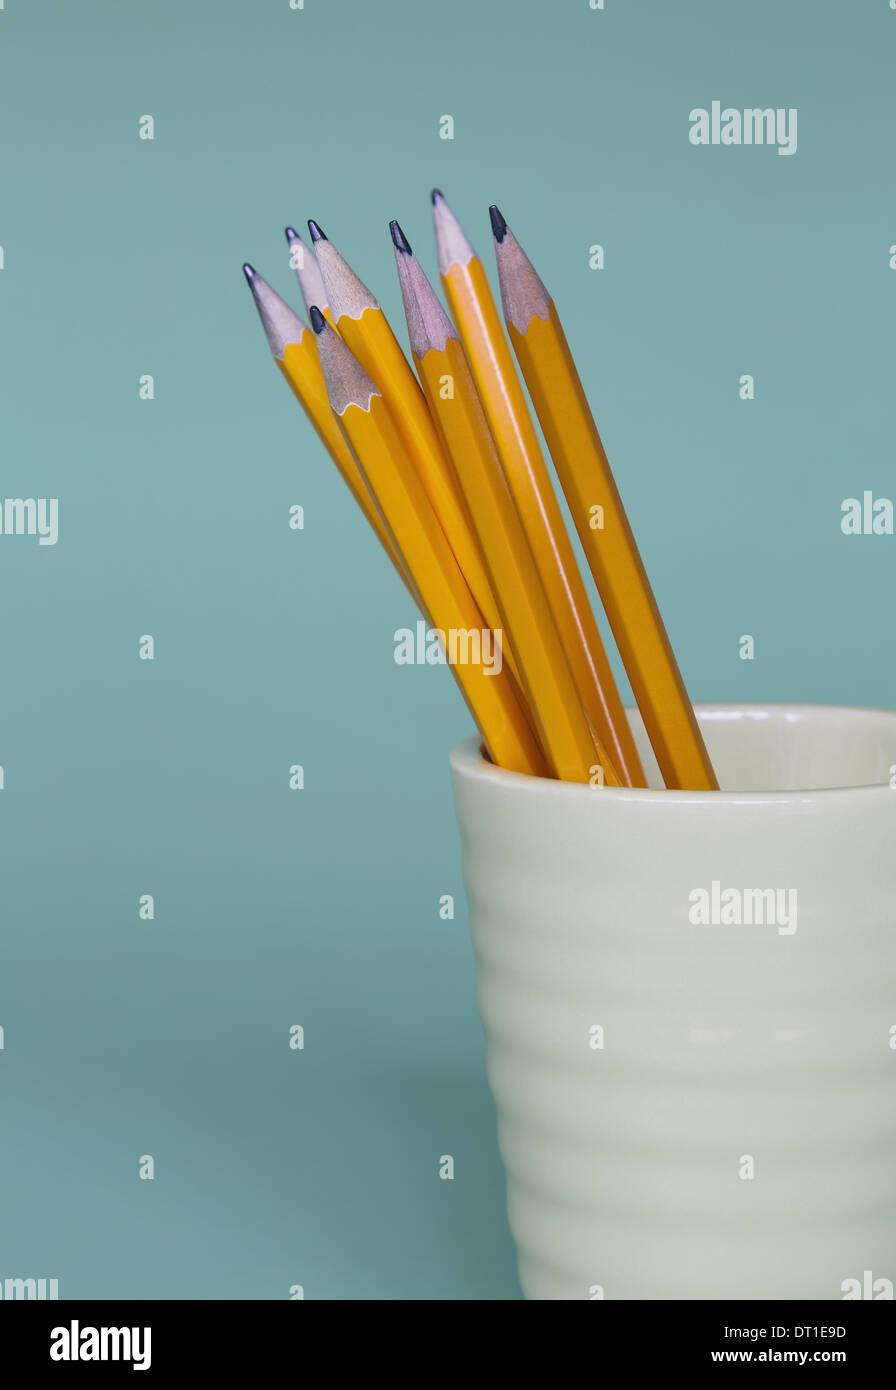 Afilan los lápices en taza sobre fondo azul. Imagen De Stock